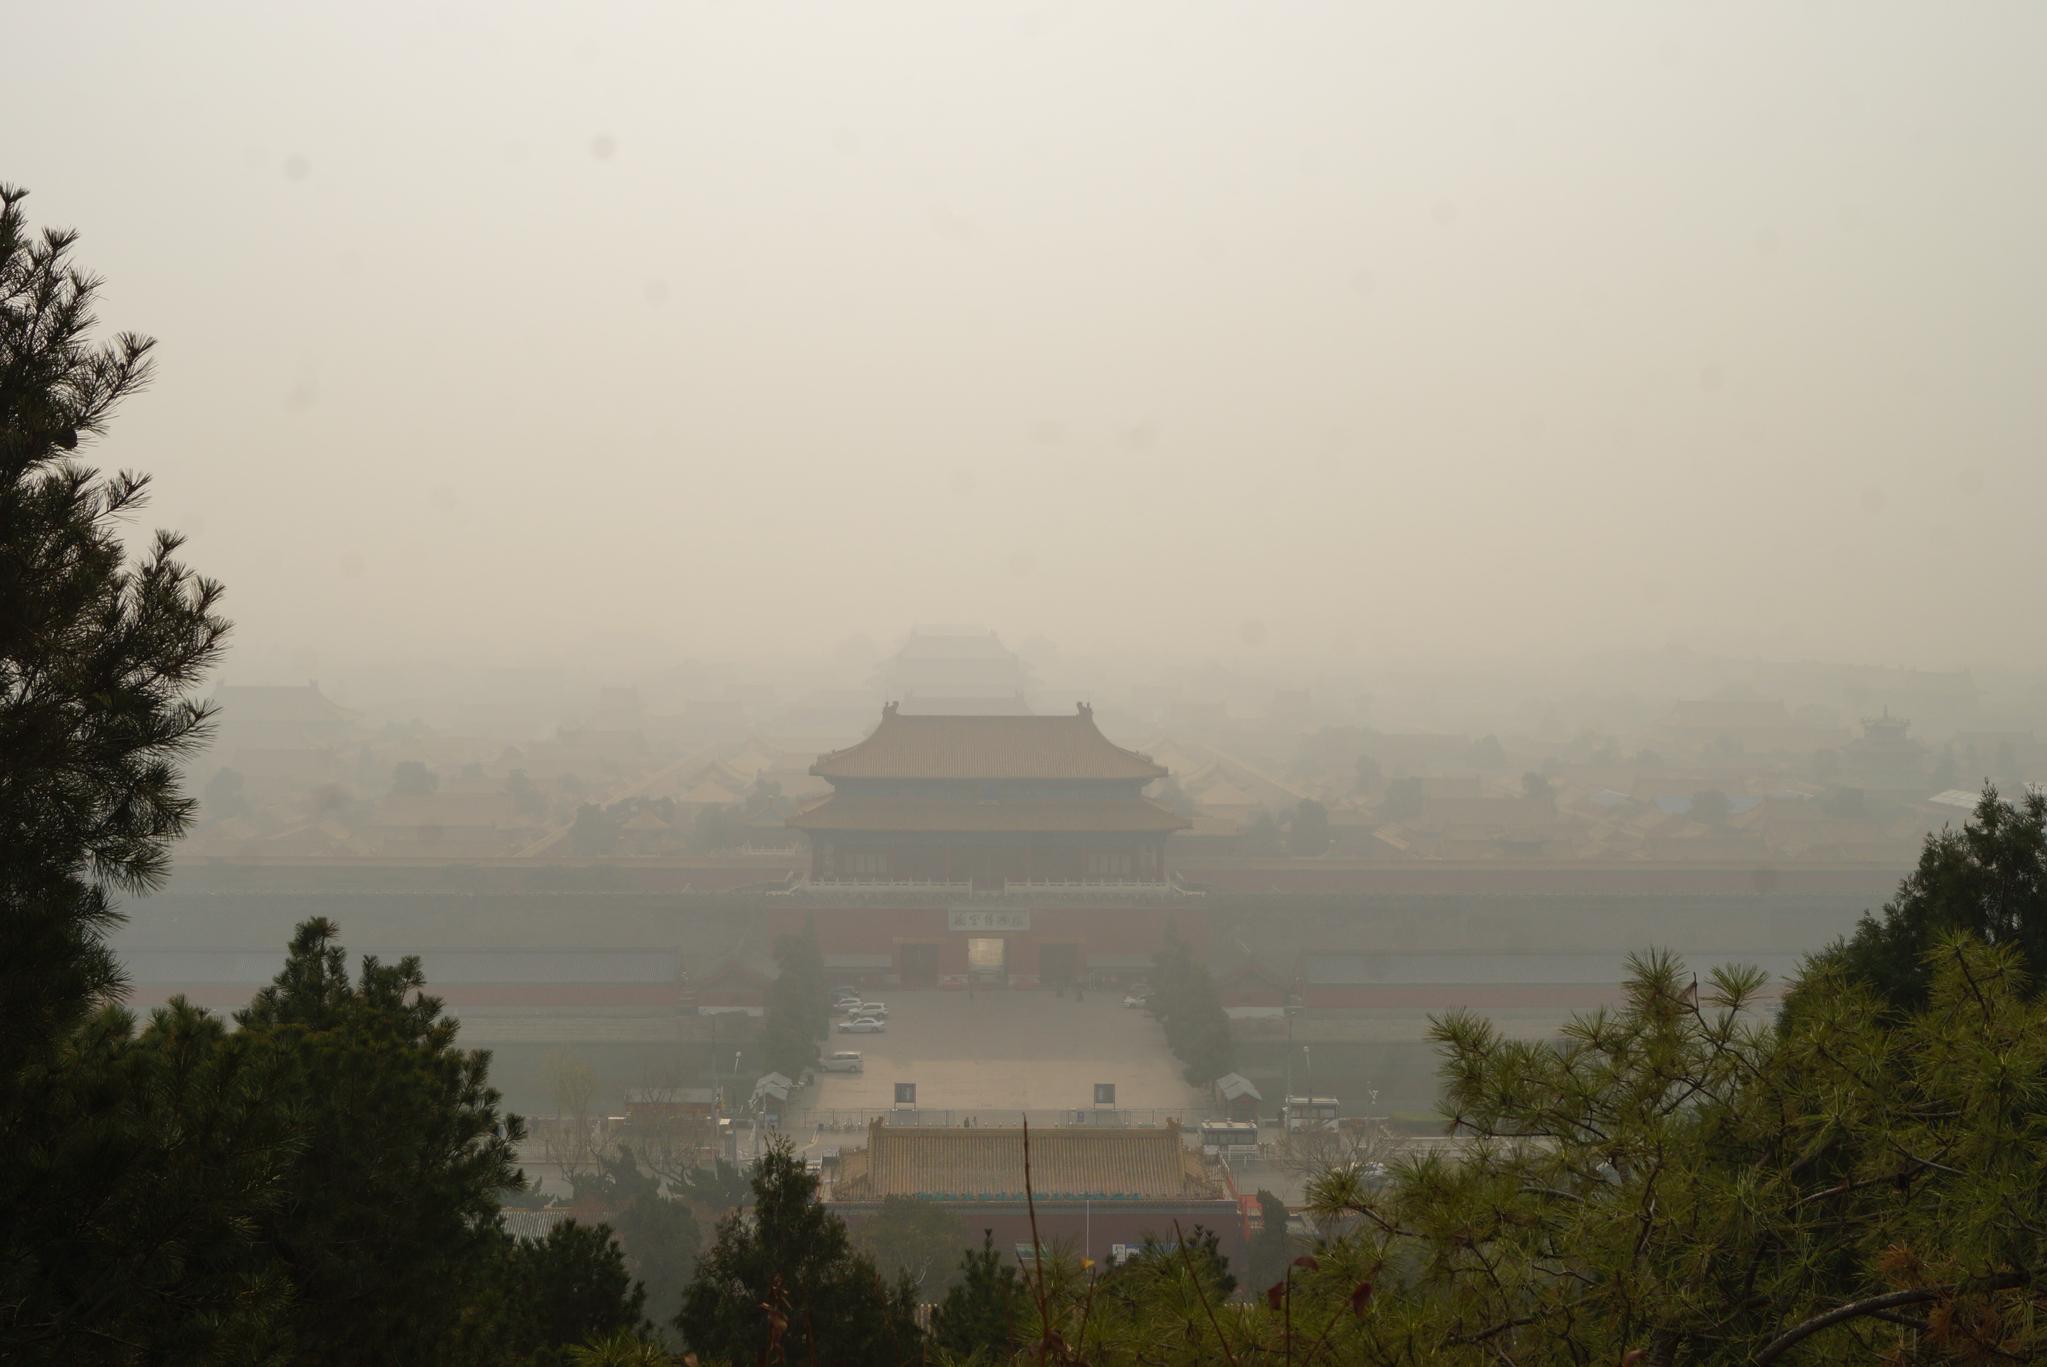 지난해 11월 26일 중국 베이징은 짙은 미세먼지로 뒤덮였다. 베이징=강찬수 기자